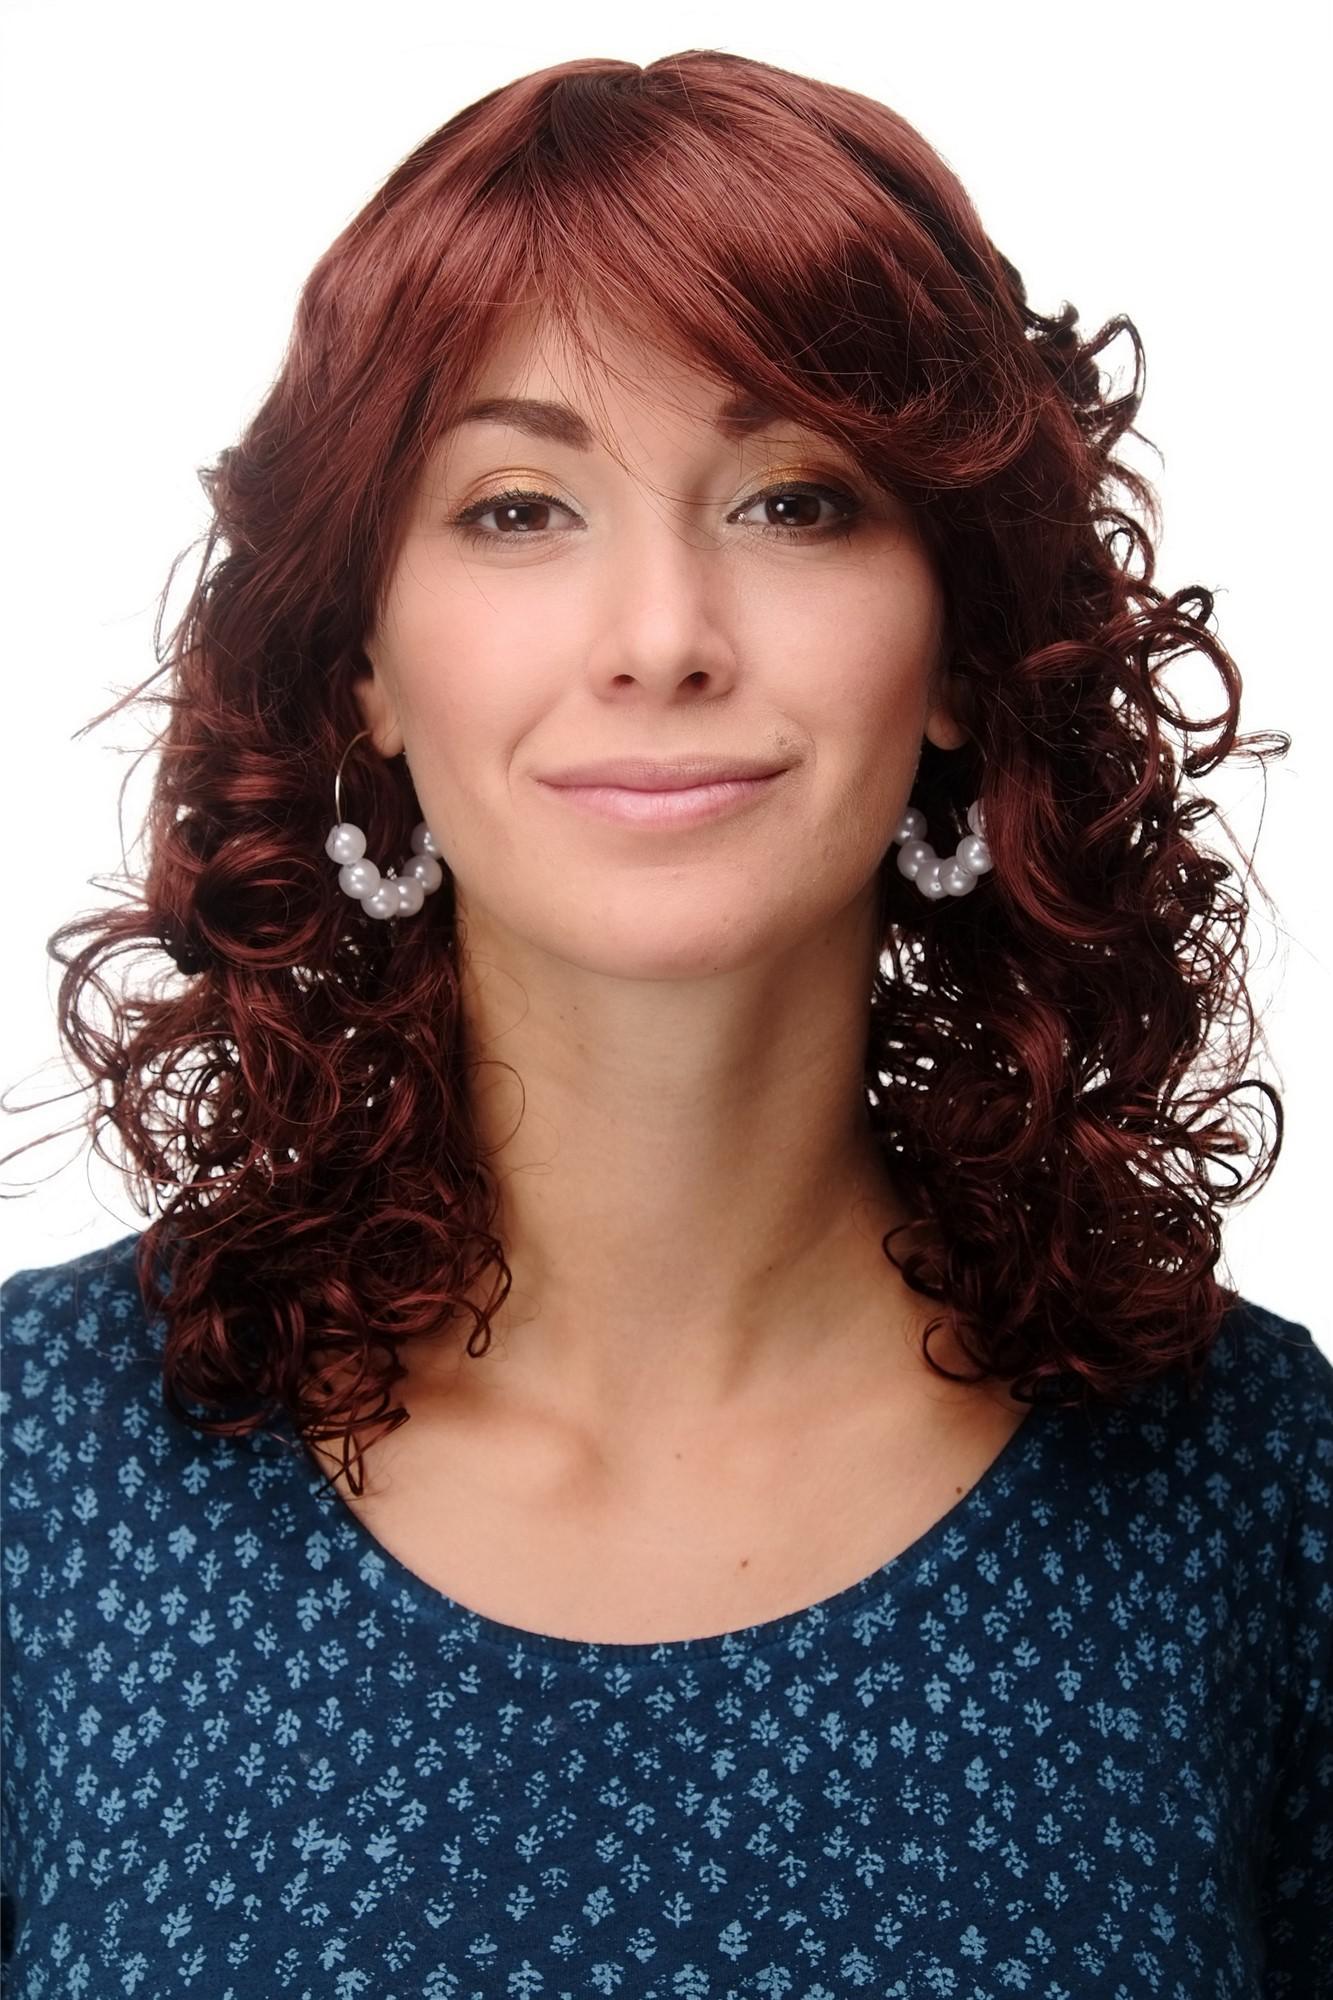 Perücke Neue Romantik Braune Haare Rostbraun Locken Gelockte Spitzen